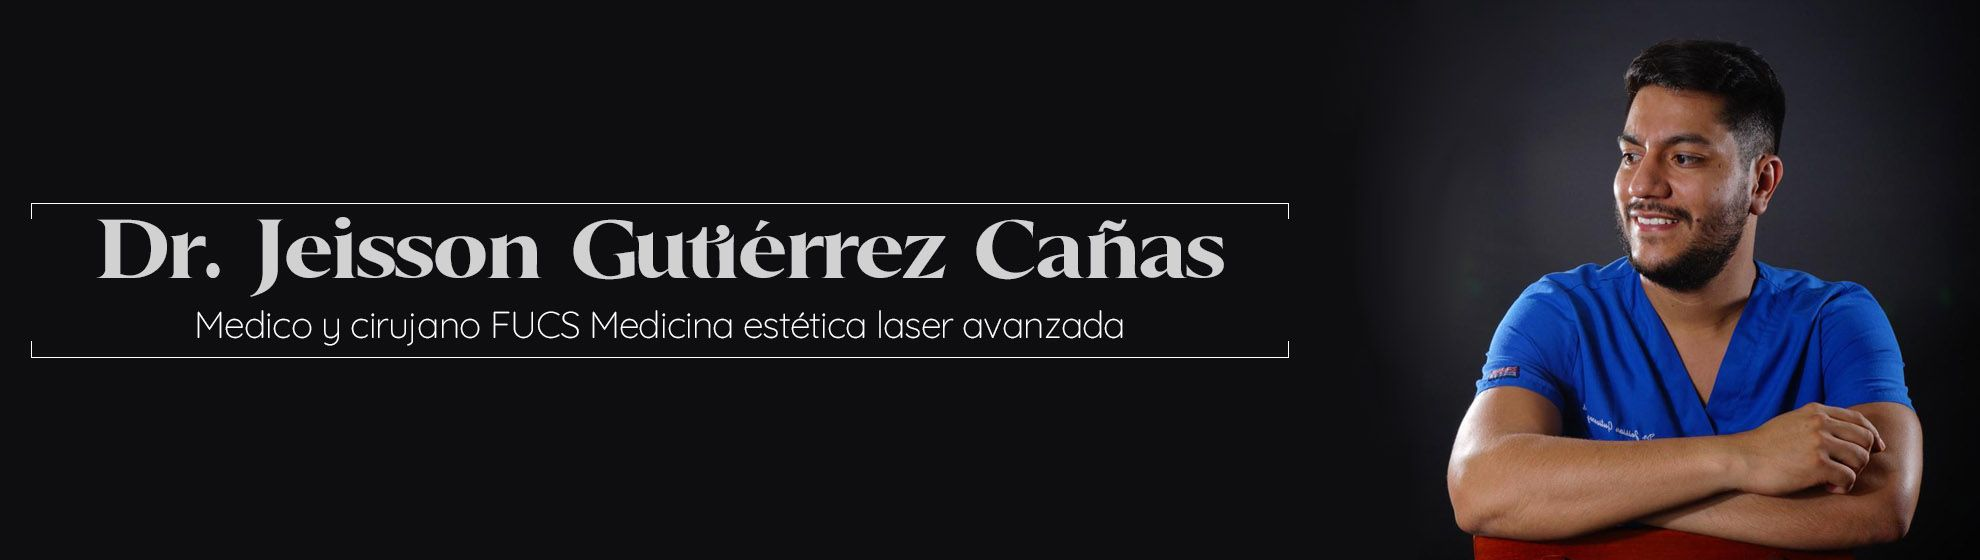 Dr. Jeisson Gutiérrez Cañas